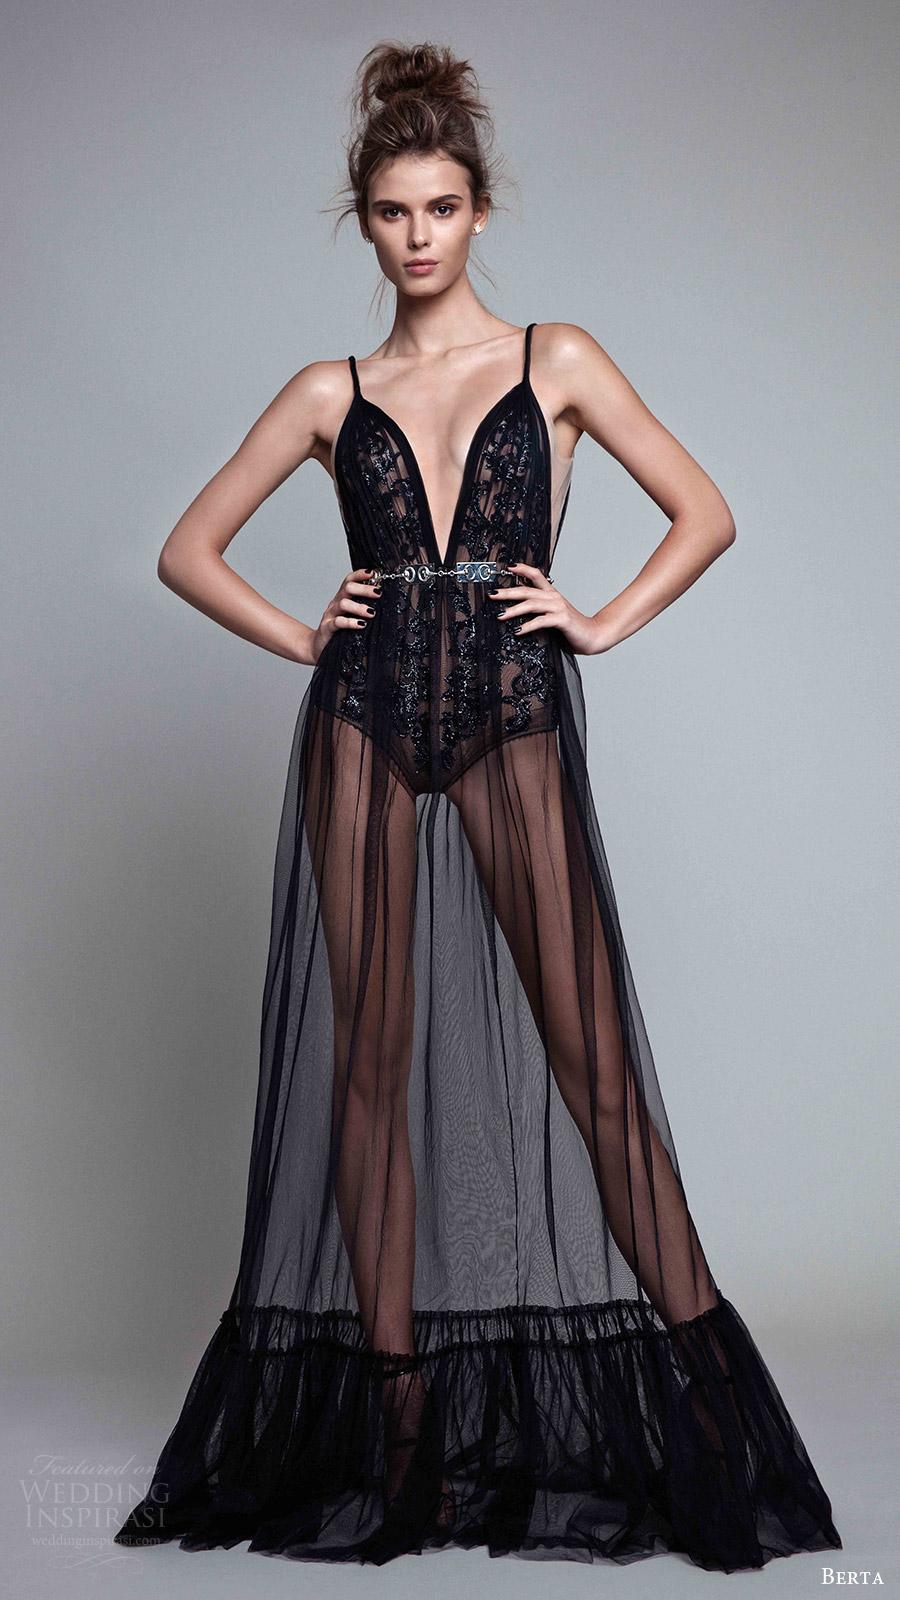 berta rtw fall 2017 (17 18) sleeveless deep v neck evening dress sheer skirt mv